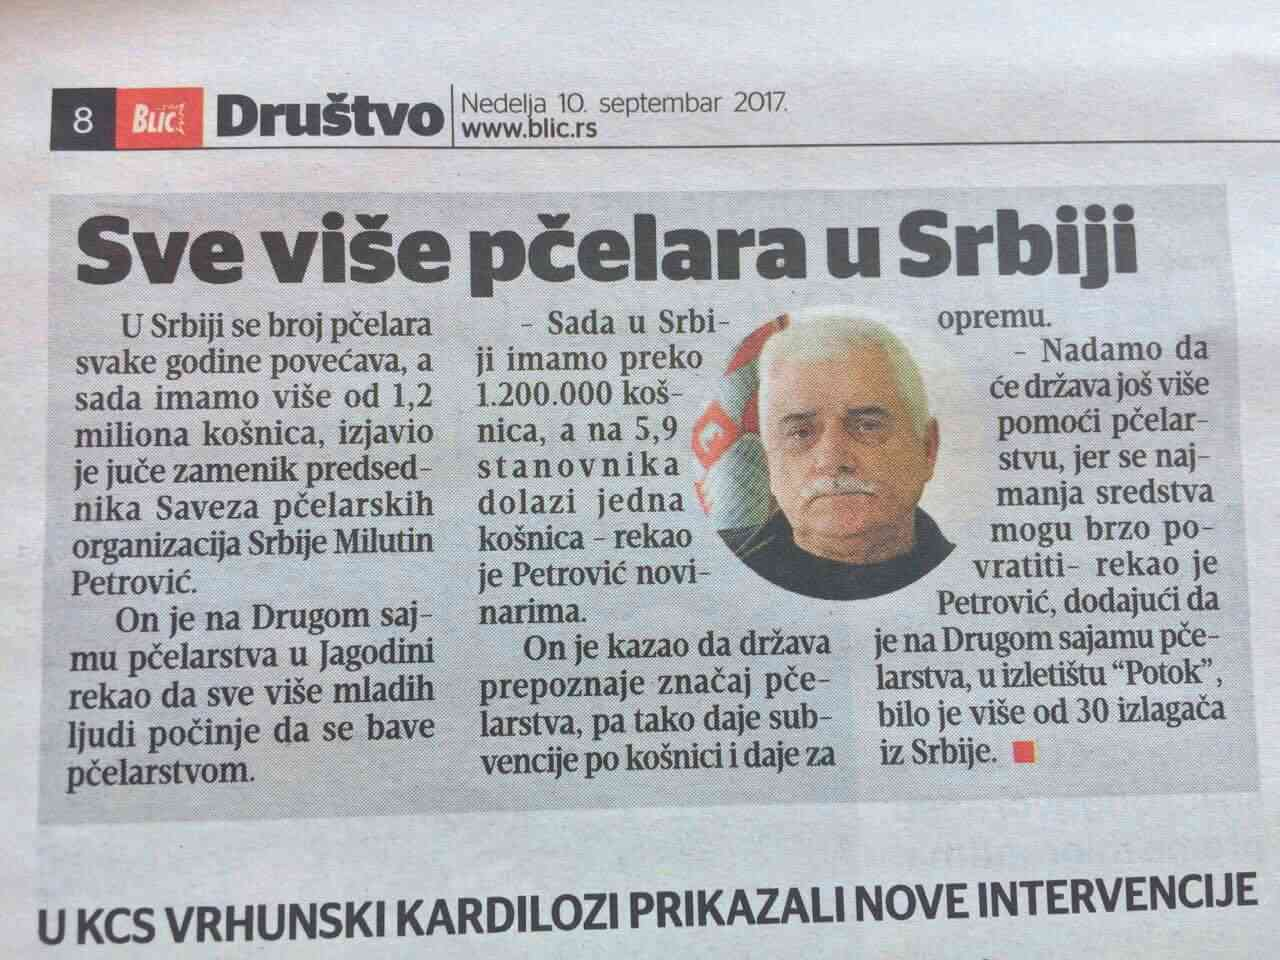 Bata Blic